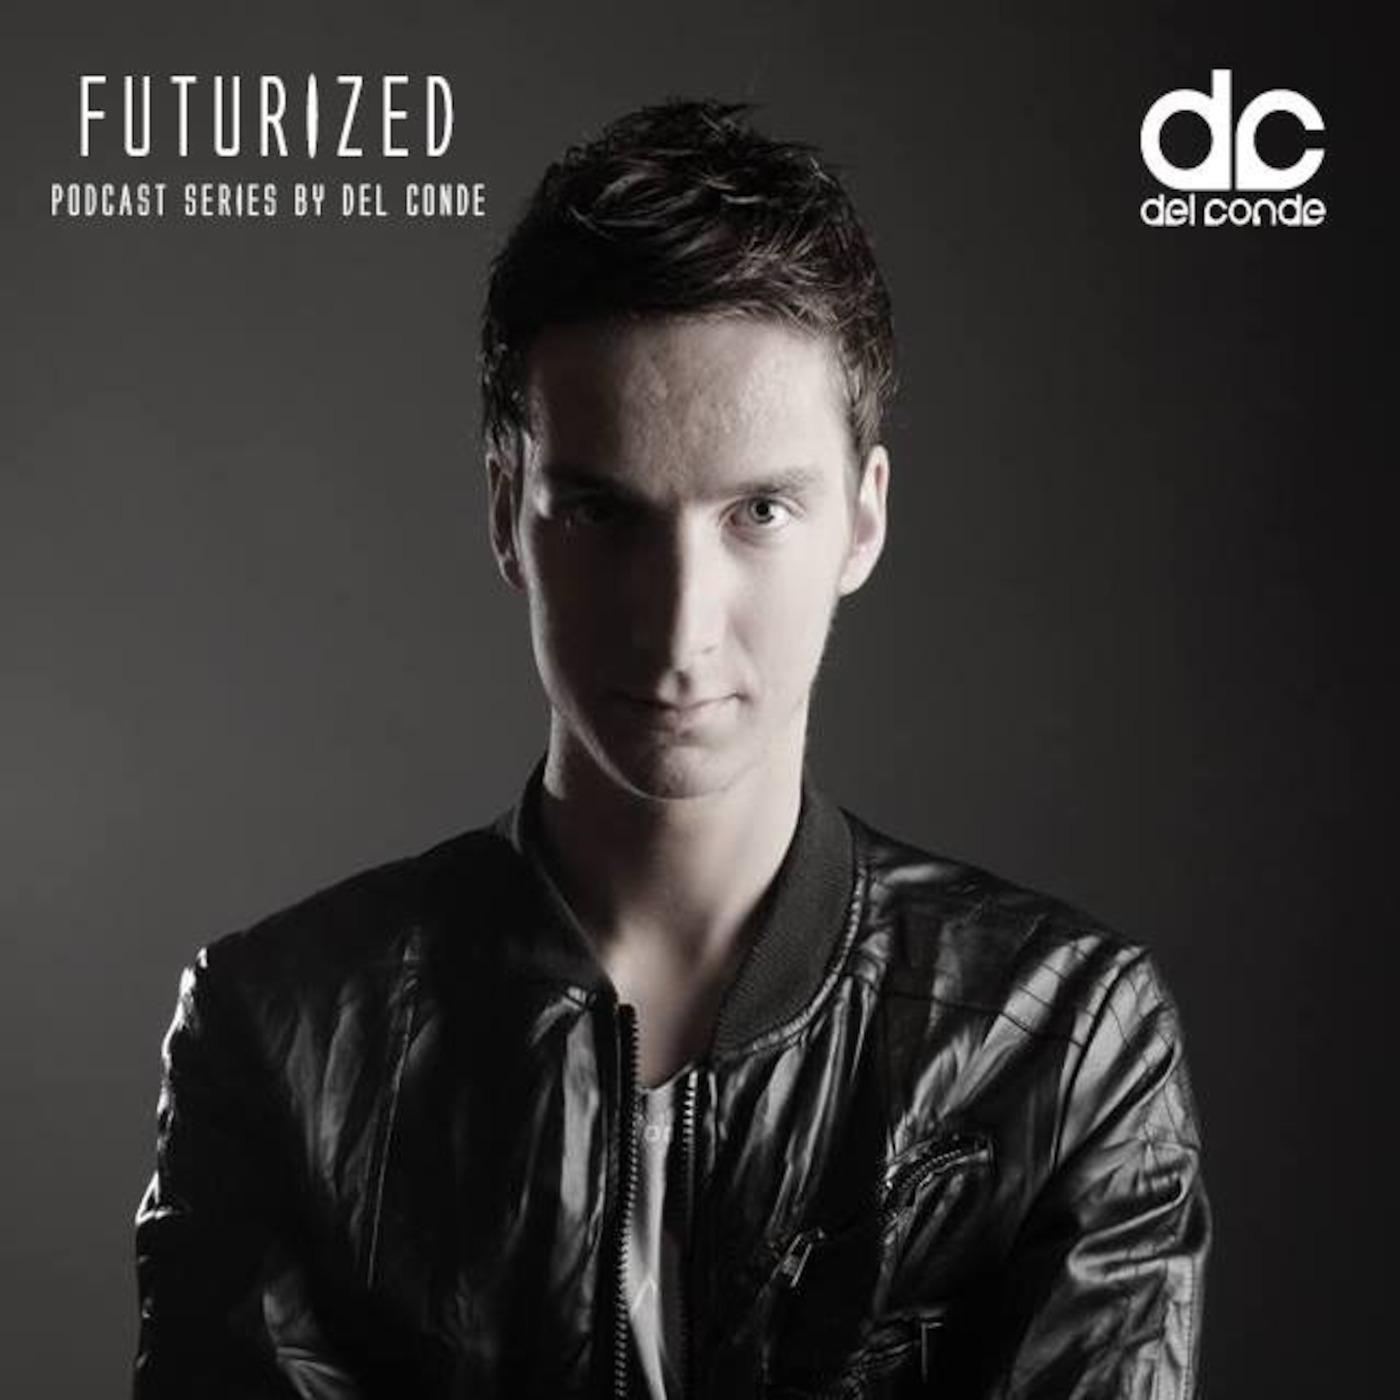 FUTURIZED by Del Conde